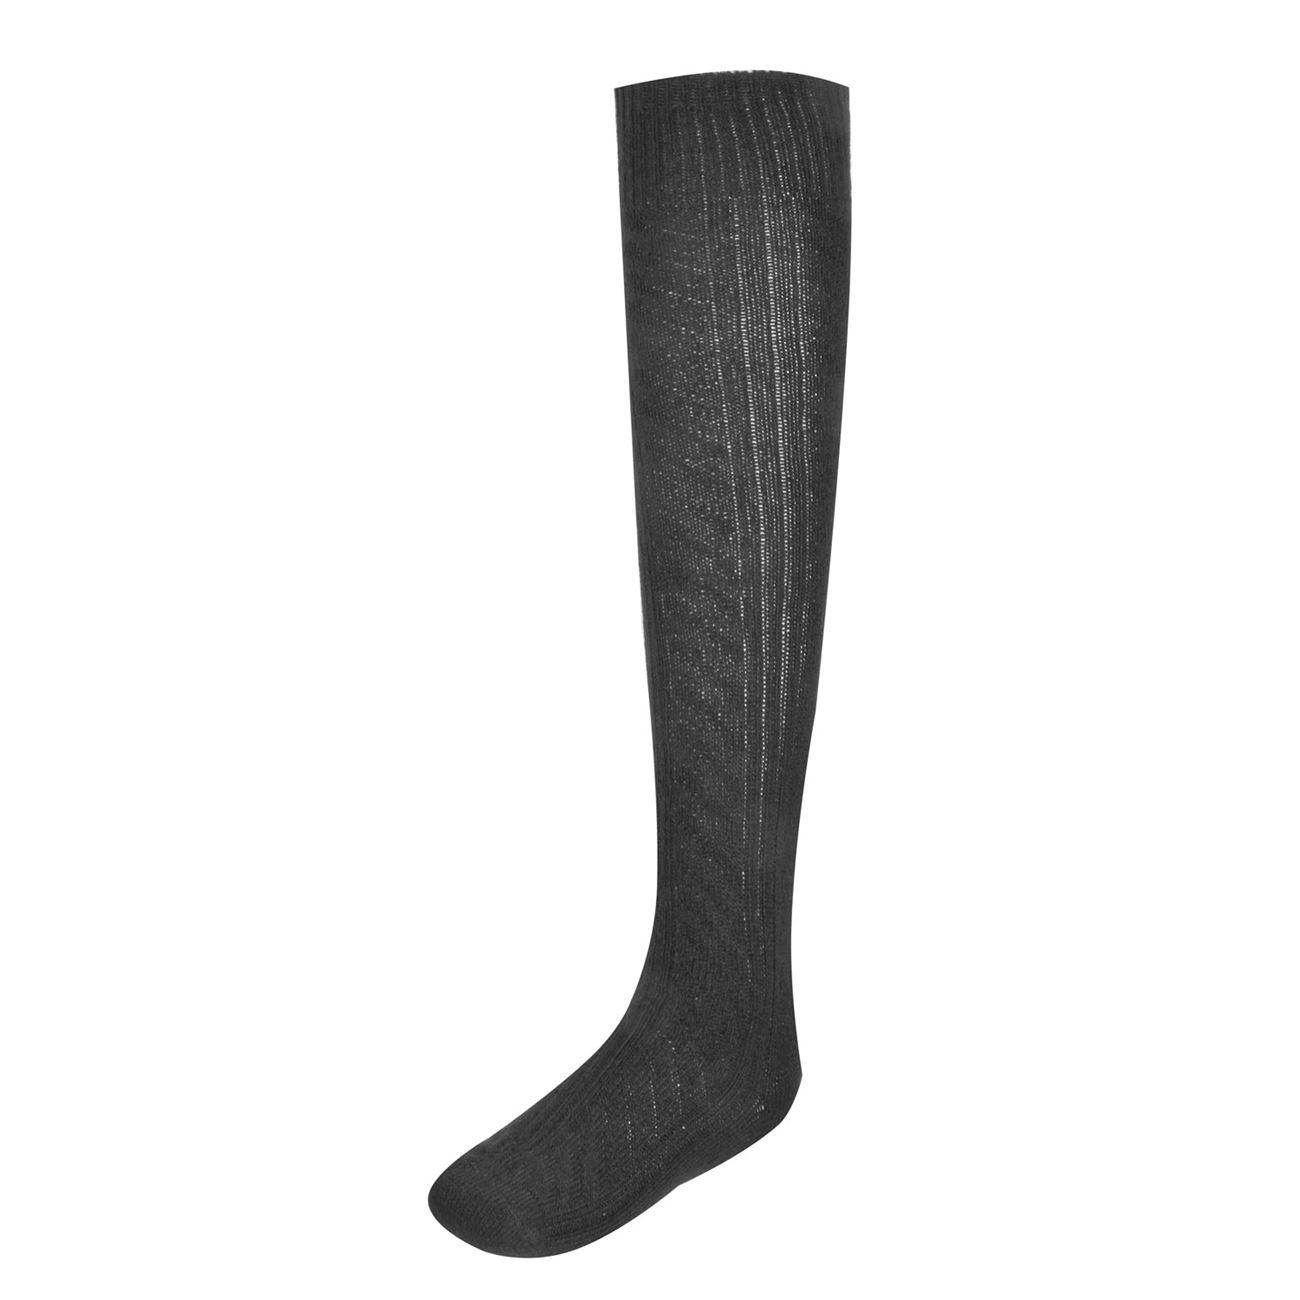 e56e5ce6ab7 Κάλτσες 3/4 Γυναικείες Μαύρες - 1 ζευγ. < Κάλτσες Γυναικείες 3/4 | Jumbo